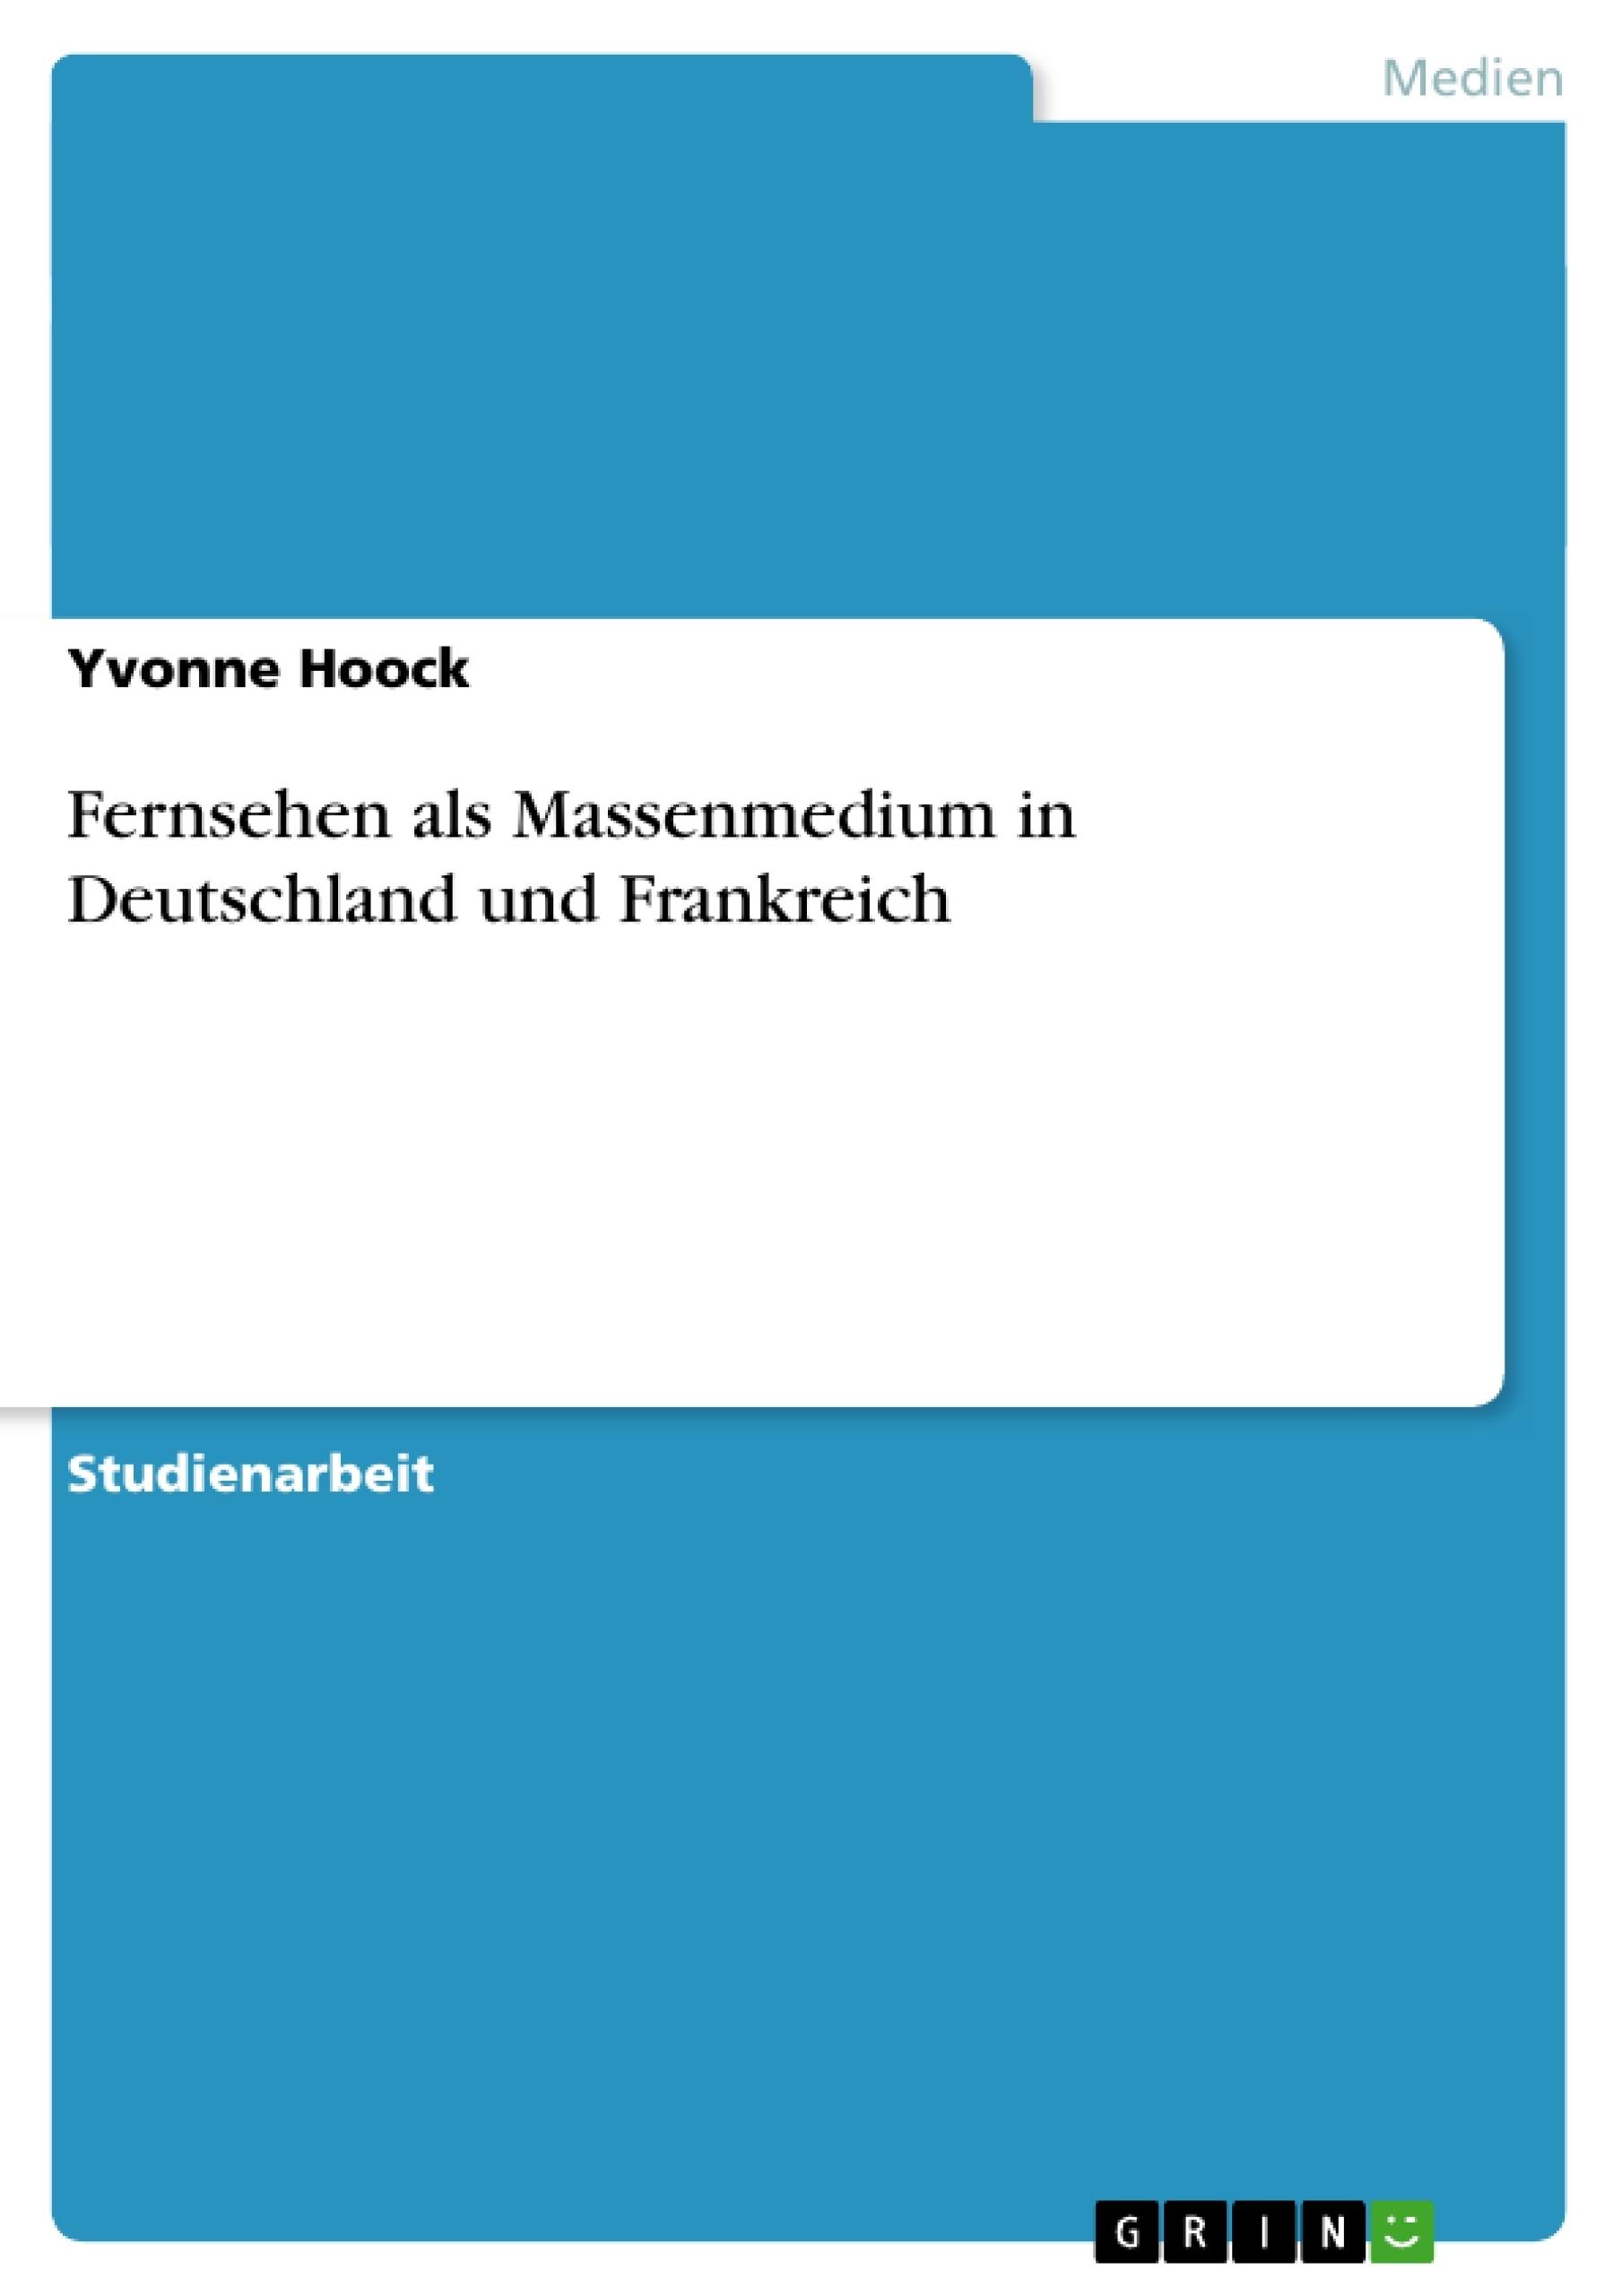 Titel: Fernsehen als Massenmedium in Deutschland und Frankreich